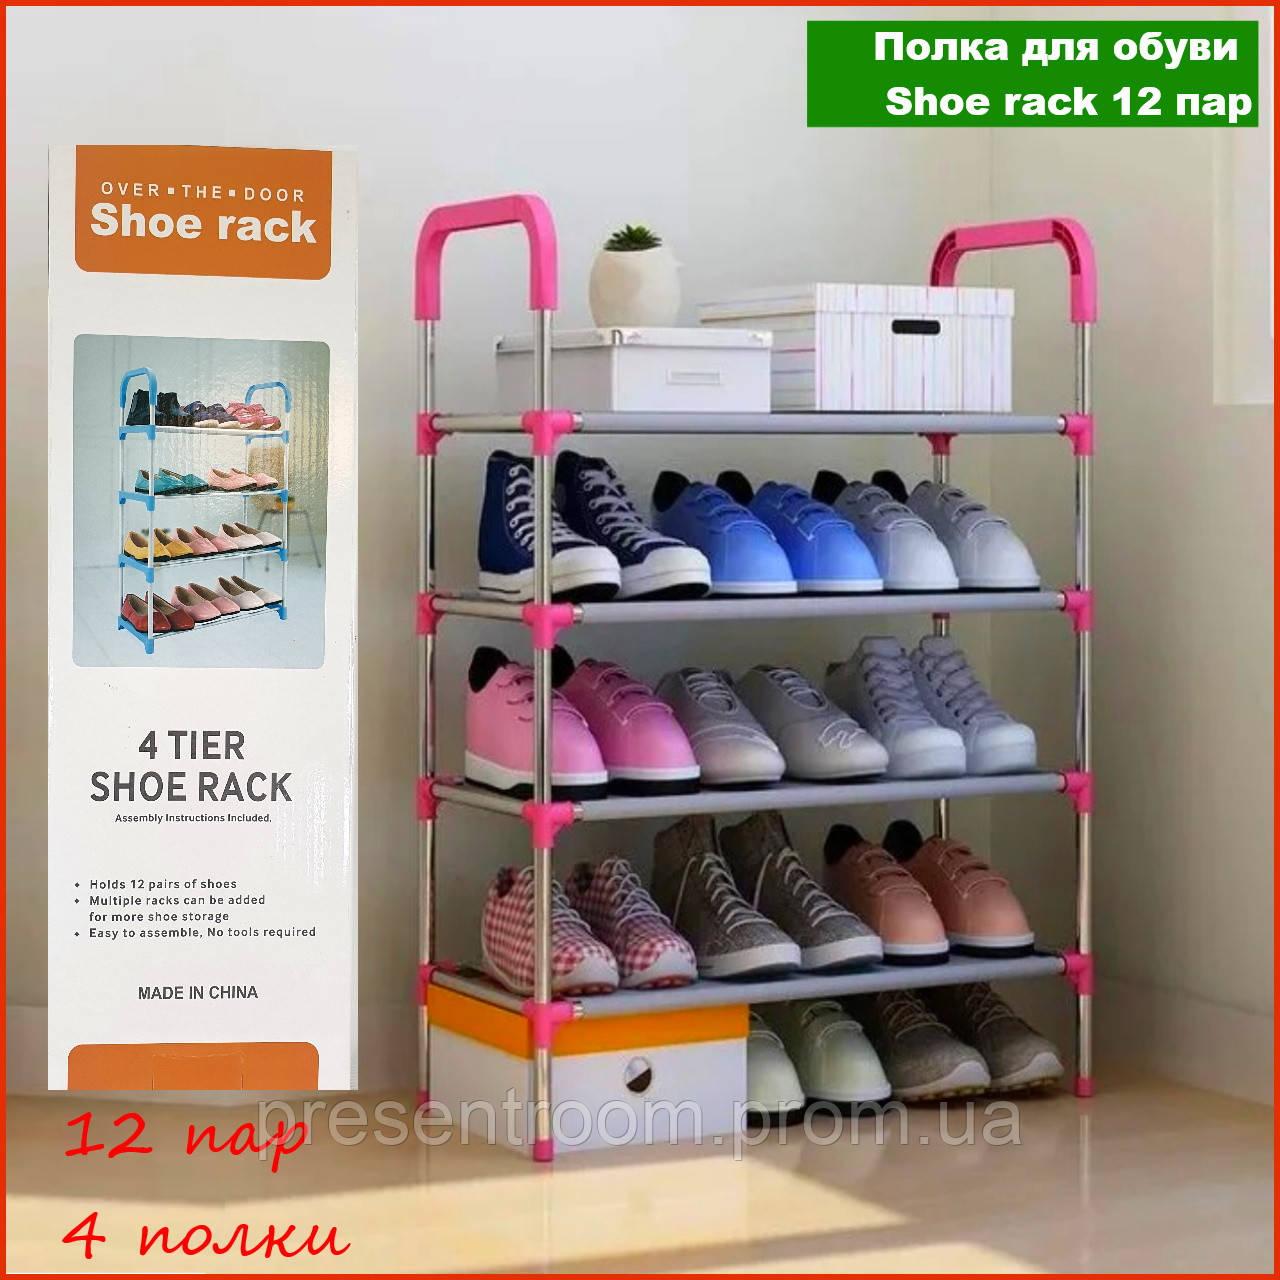 Стійка підставка для взуття Stackable Shoe Rack, 4 полки, 12 пар органайзер взуттєвої стелаж етажерка зберігання